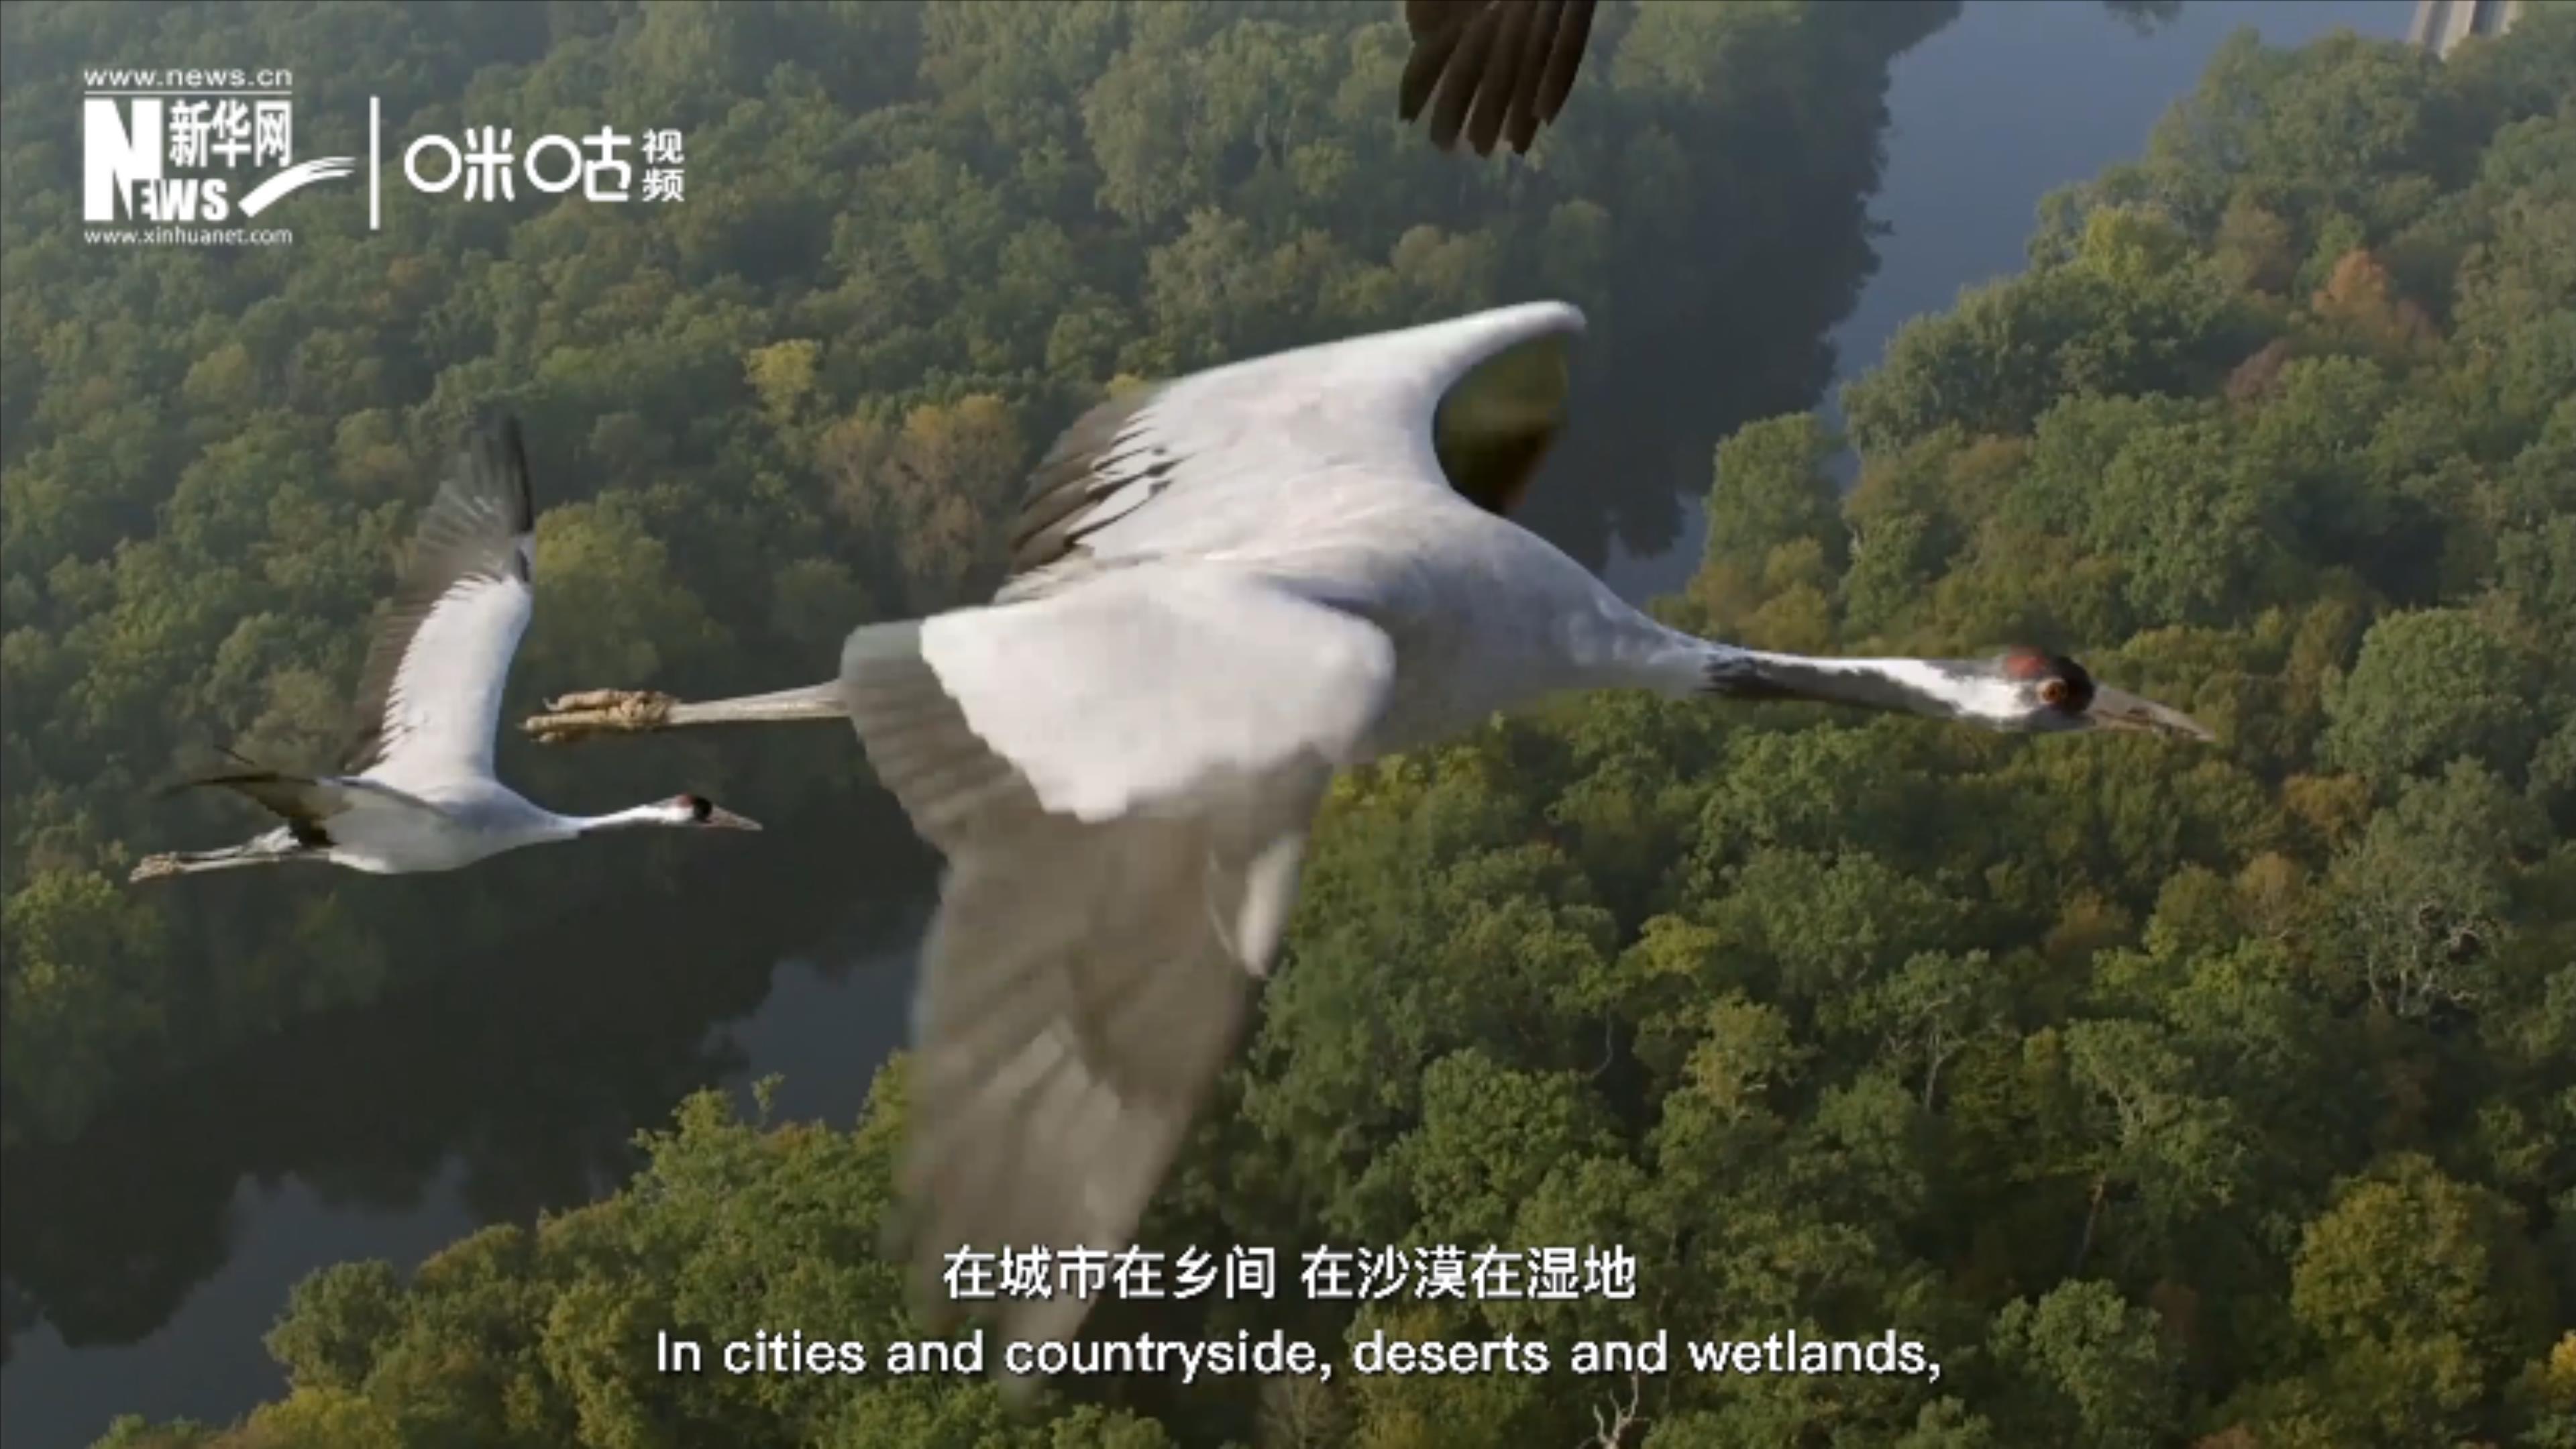 每年五月和十月的第二個星期六是世界候鳥日